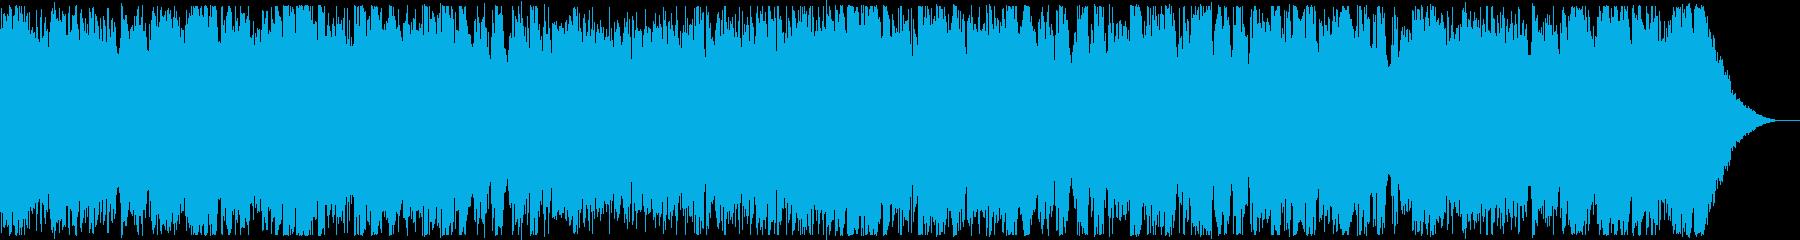 女性ボーカル・優しいウクレレの再生済みの波形